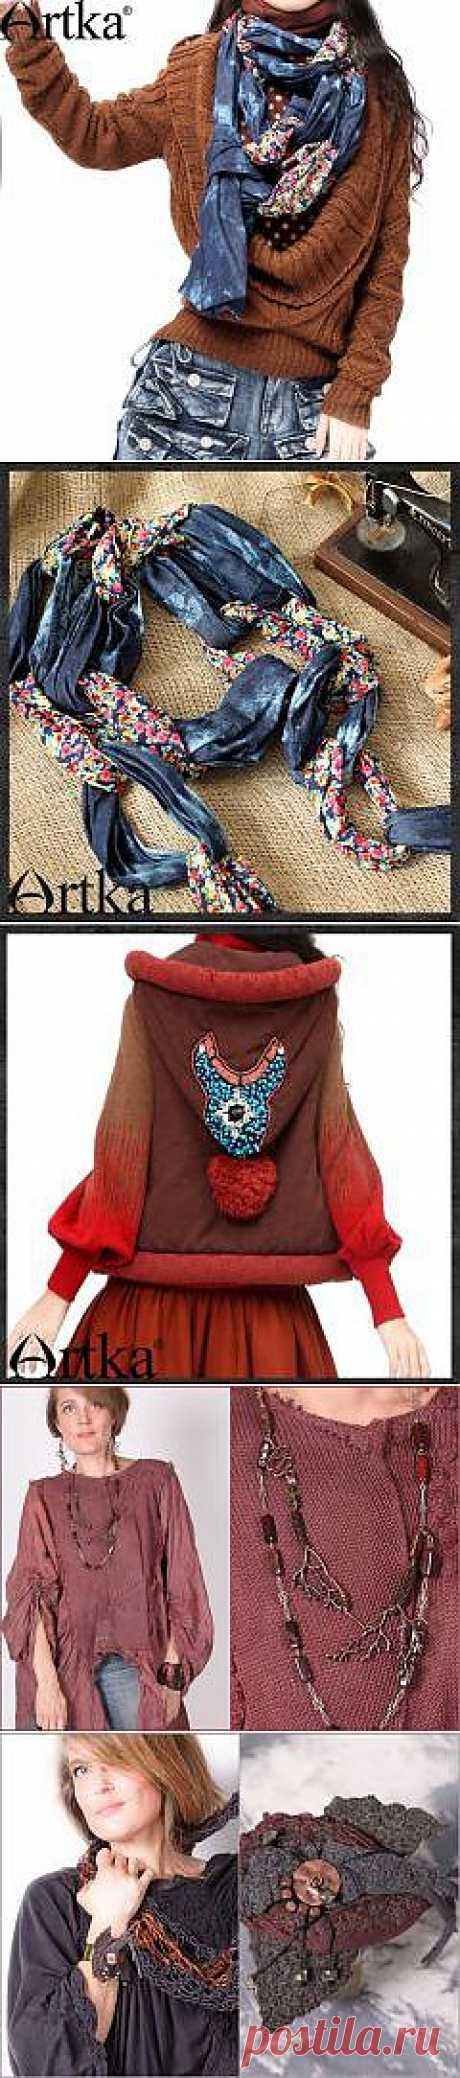 """Всё о вязании на сайте """"Knitting-Info.Ru"""": бохо или богемный стиль - новая подборка от натэлы (rest.hobby.knittinginfo) : Рассылка : Subscribe.Ru"""